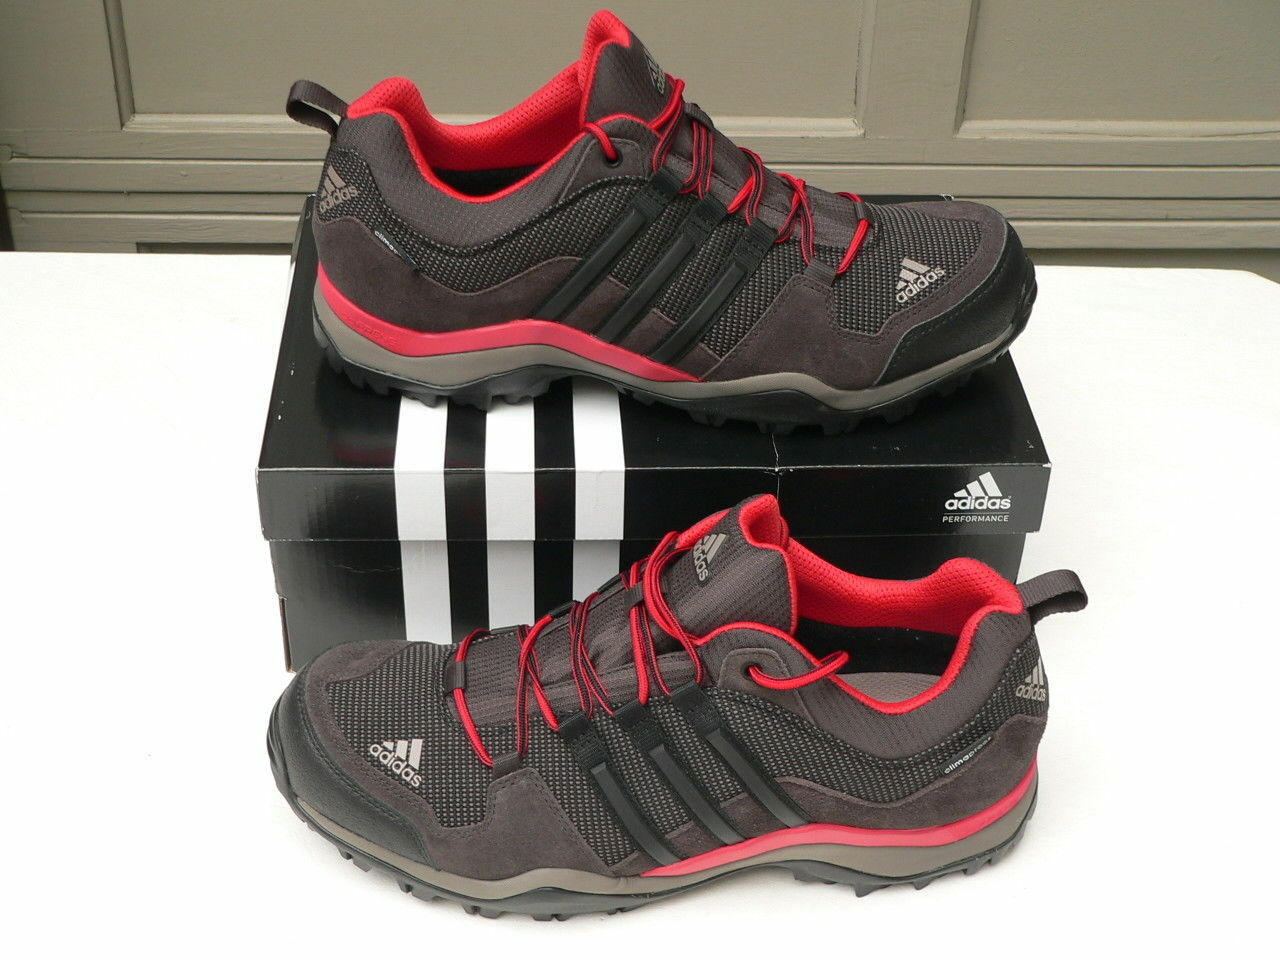 adidas / kumacross mesh climaproof wandern / adidas wanderschuhe neue männer - größe 8,5 19fe97